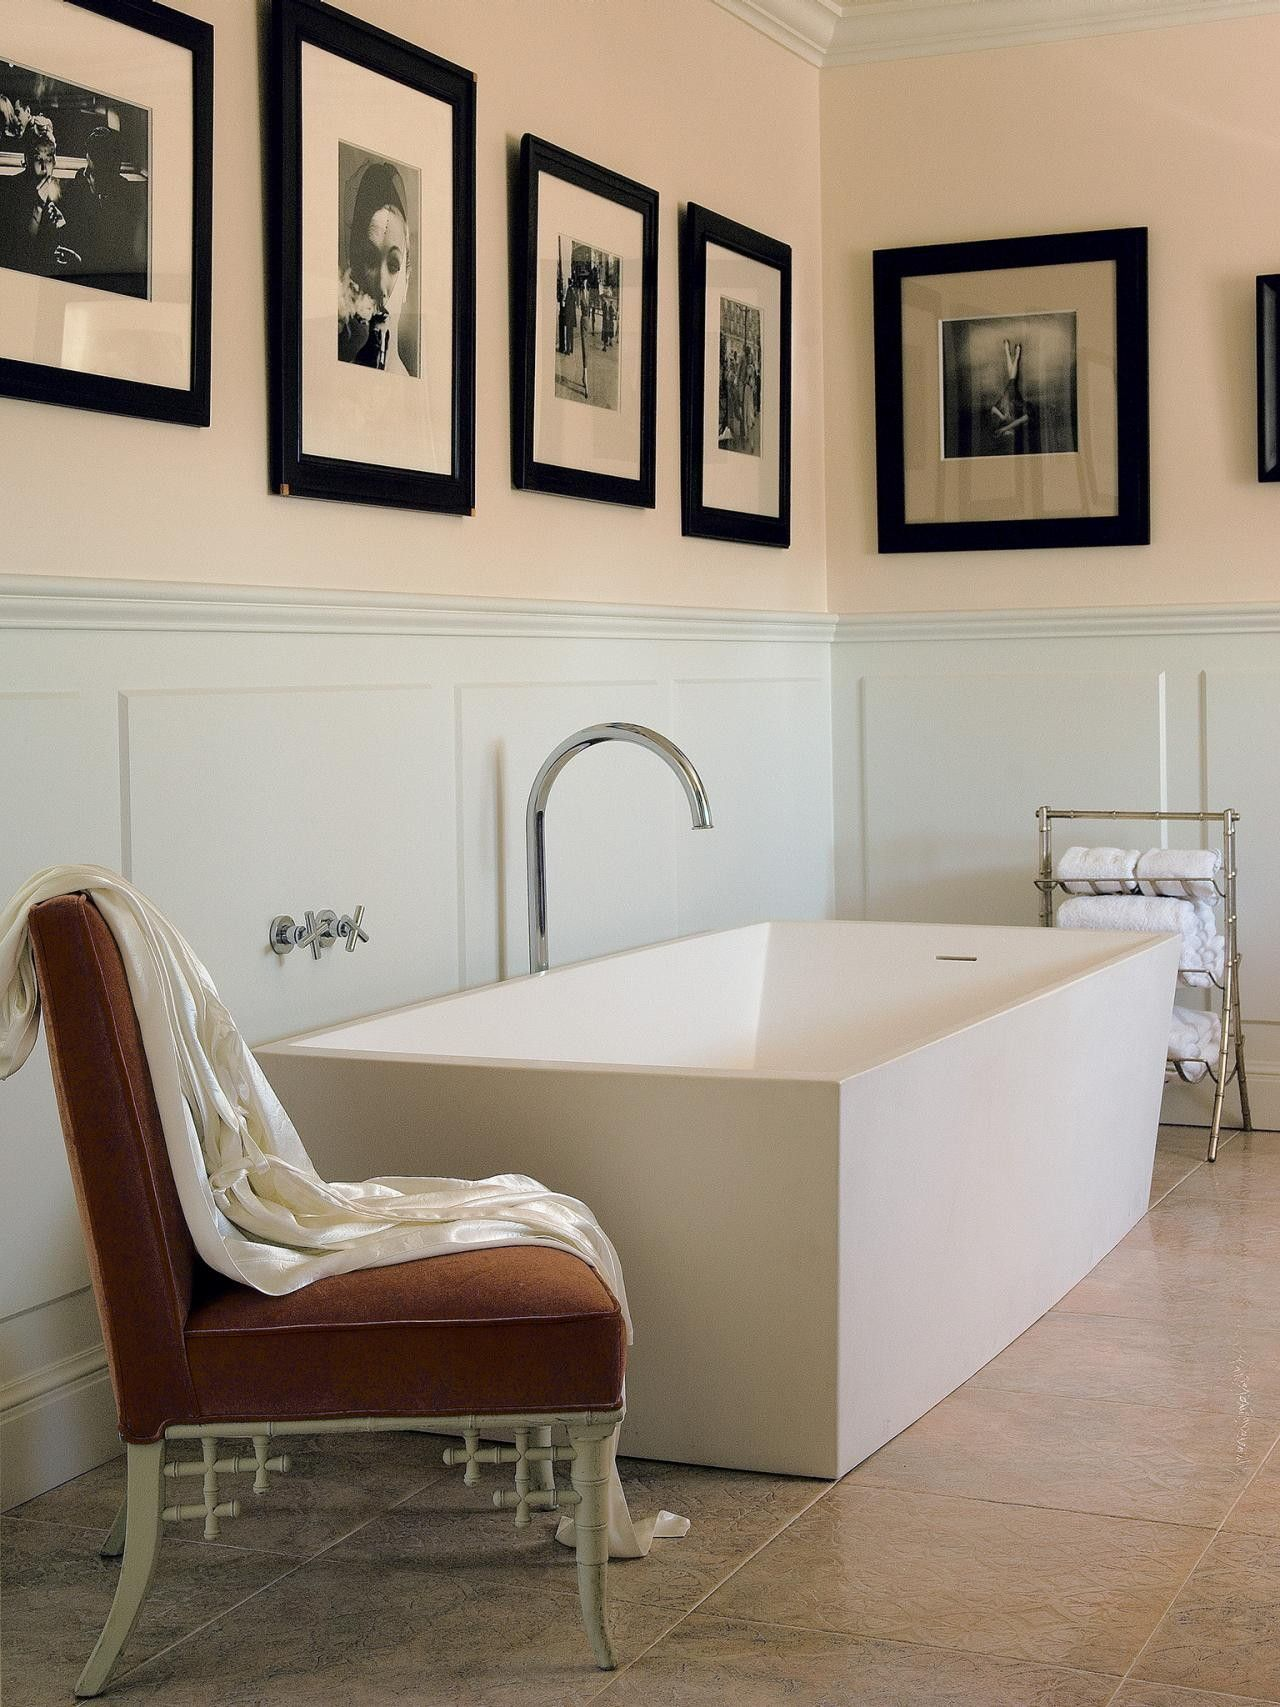 Bathroom Bathup:Compact Clawfoot Tub Deep Soaking Tub Shower Combo ...